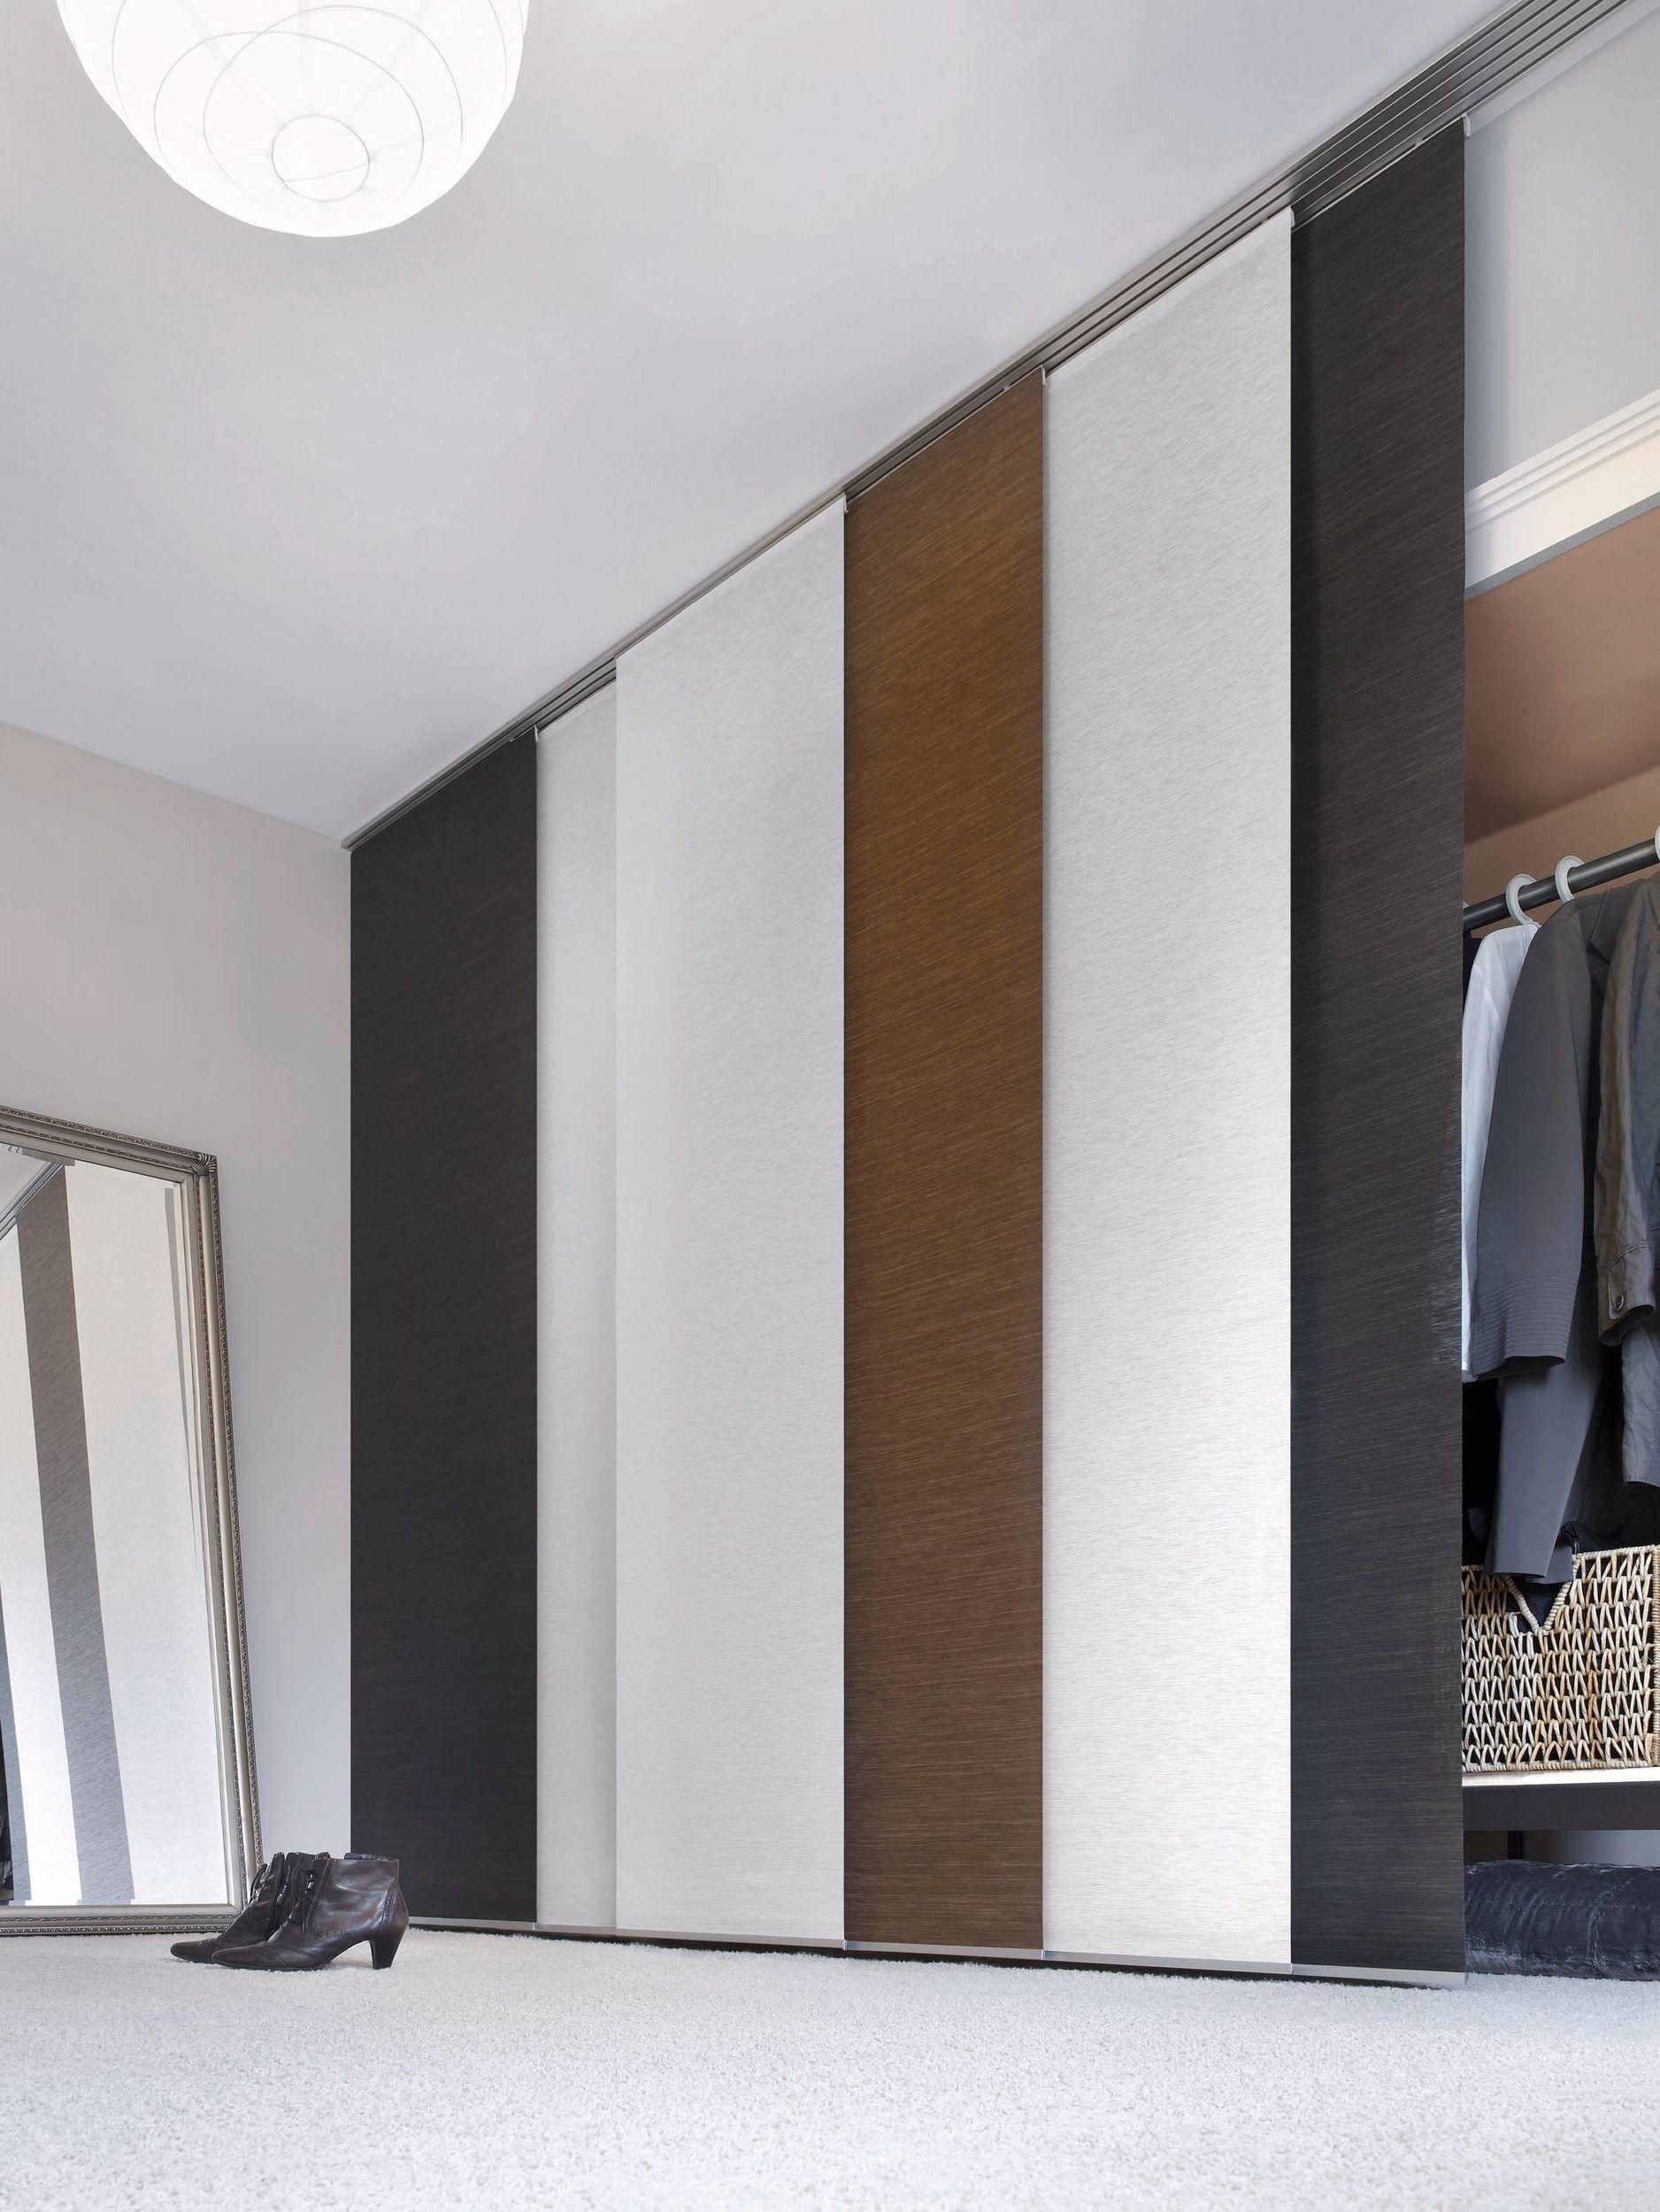 Schiebegardine Flachenvorhang Natur Optik Gardinia Klettband 1 Stuck Hxb 245x60 Online Kaufen Otto Sliding Curtains Room Divider Ikea Panel Curtains